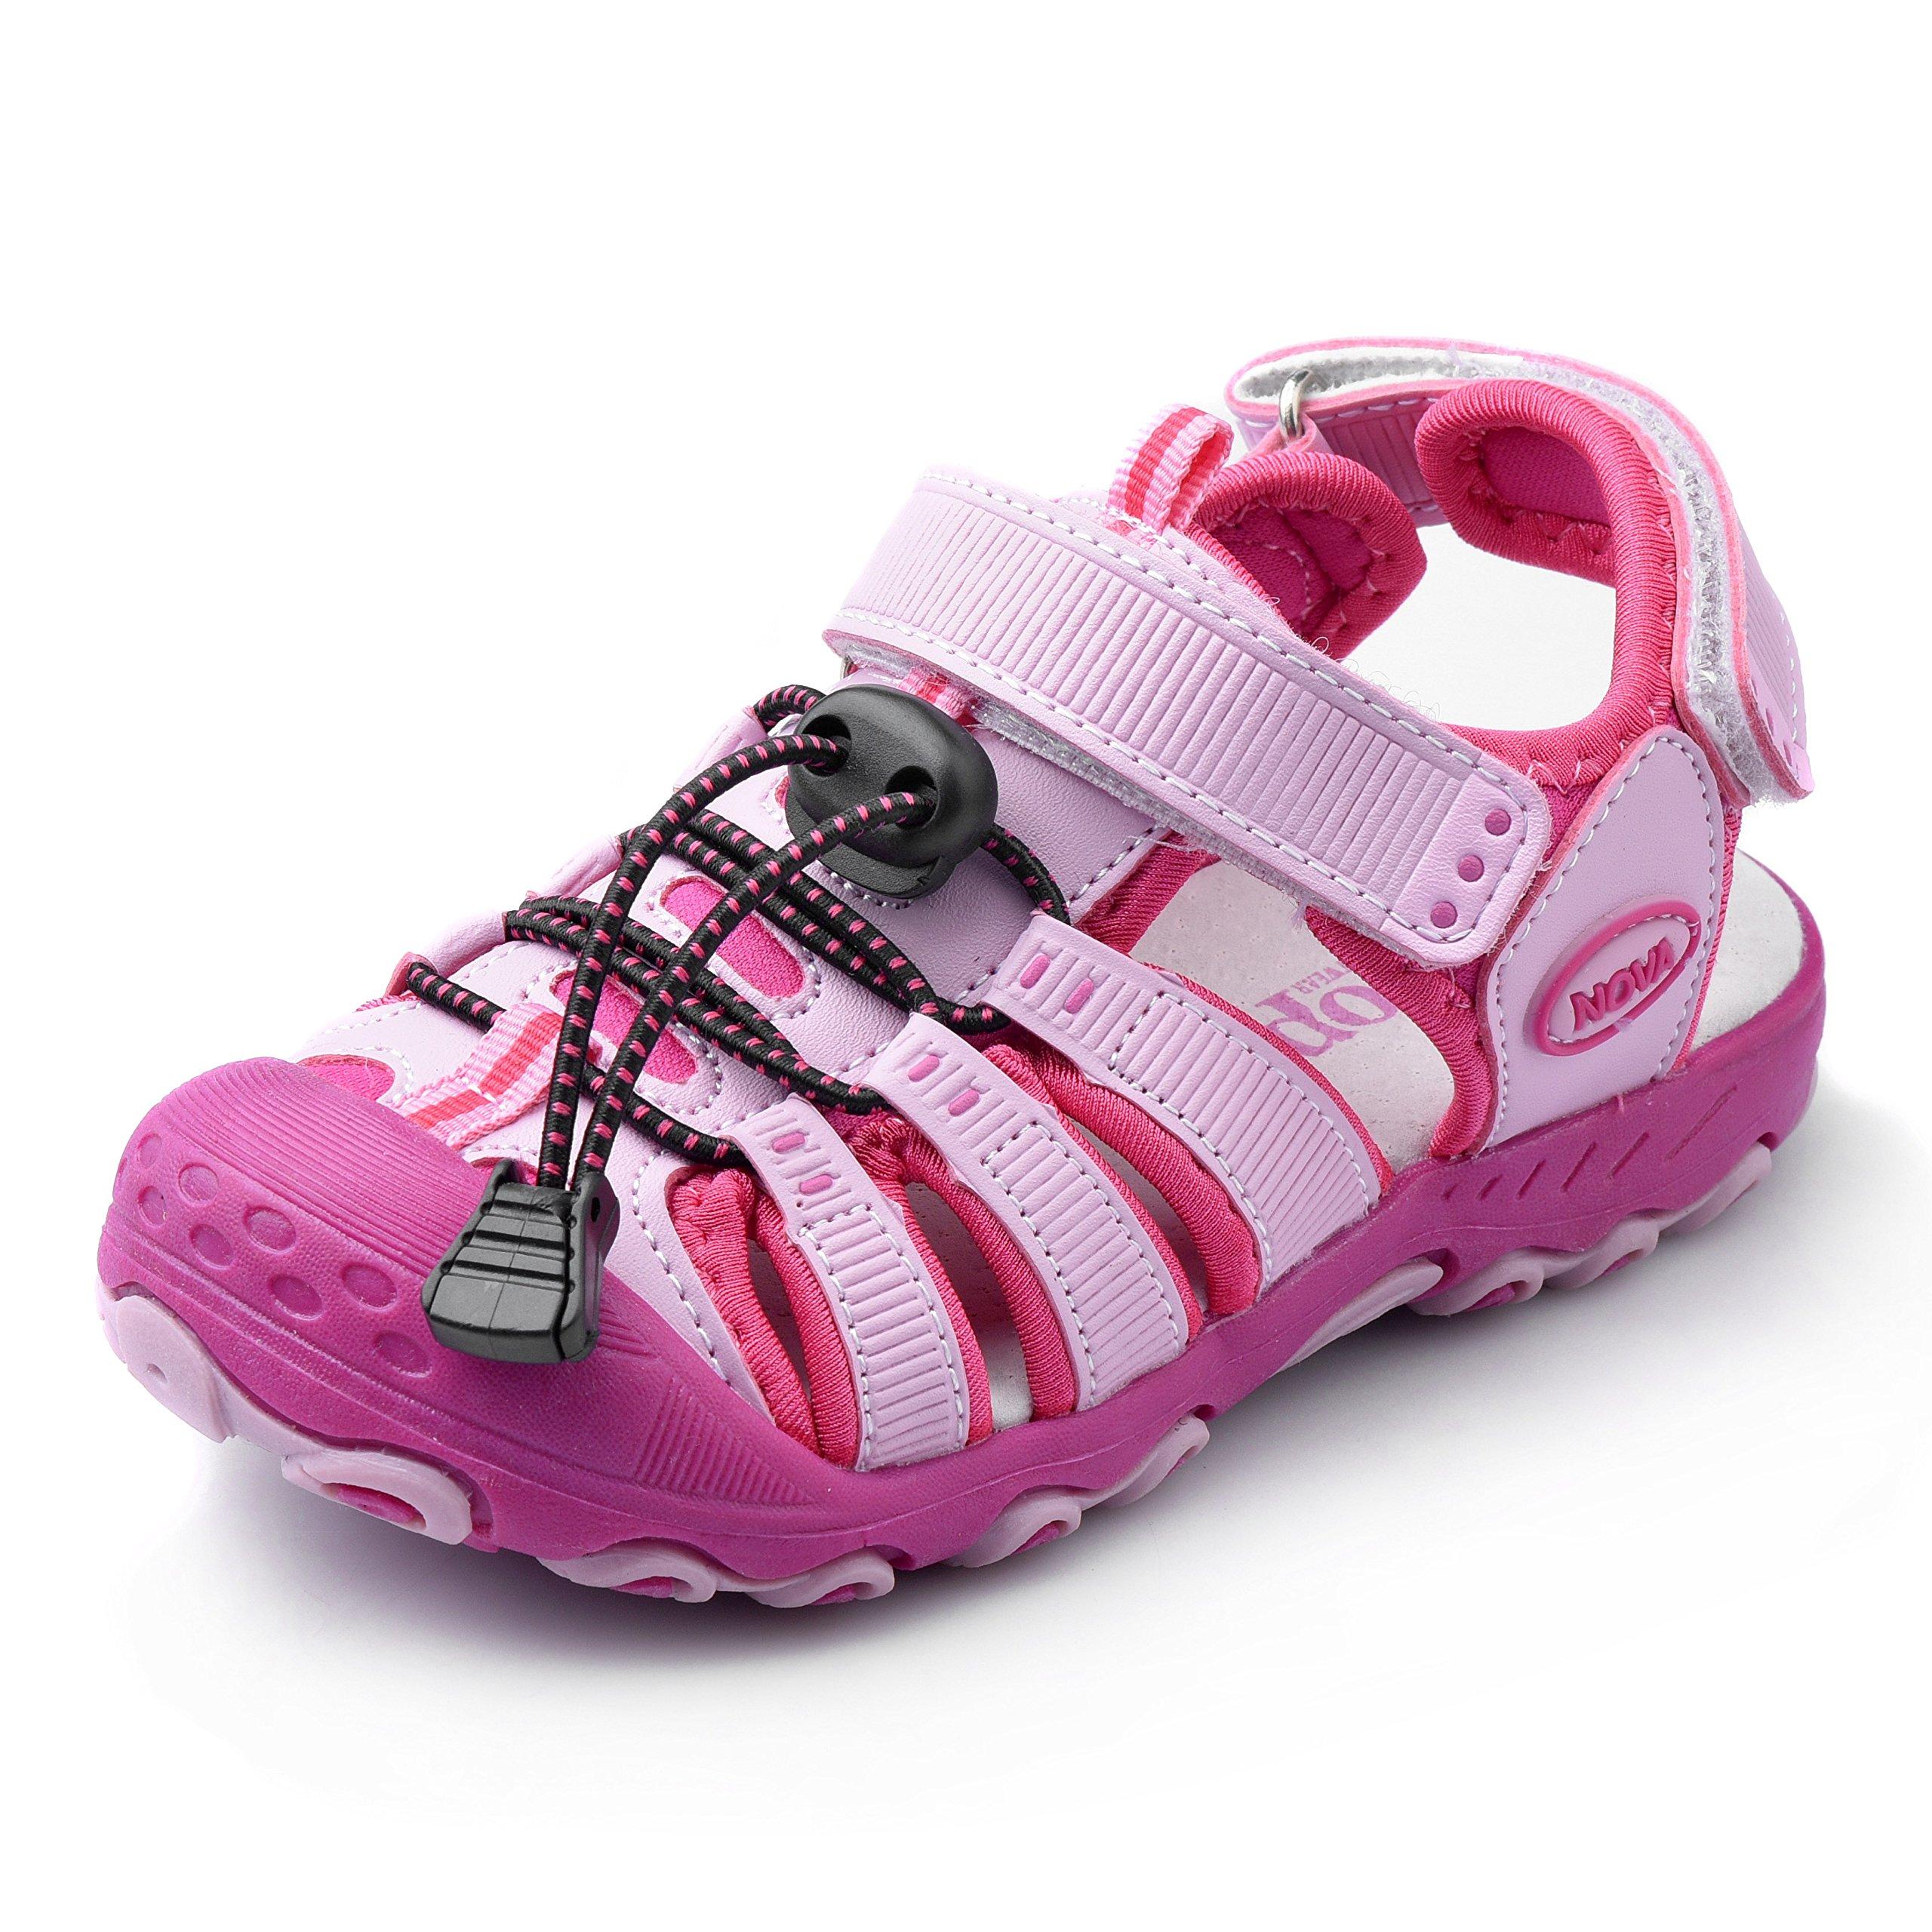 Nova Toddler Little Boys Summer Sandals NF Boy NFBS124 Fuchsia 9